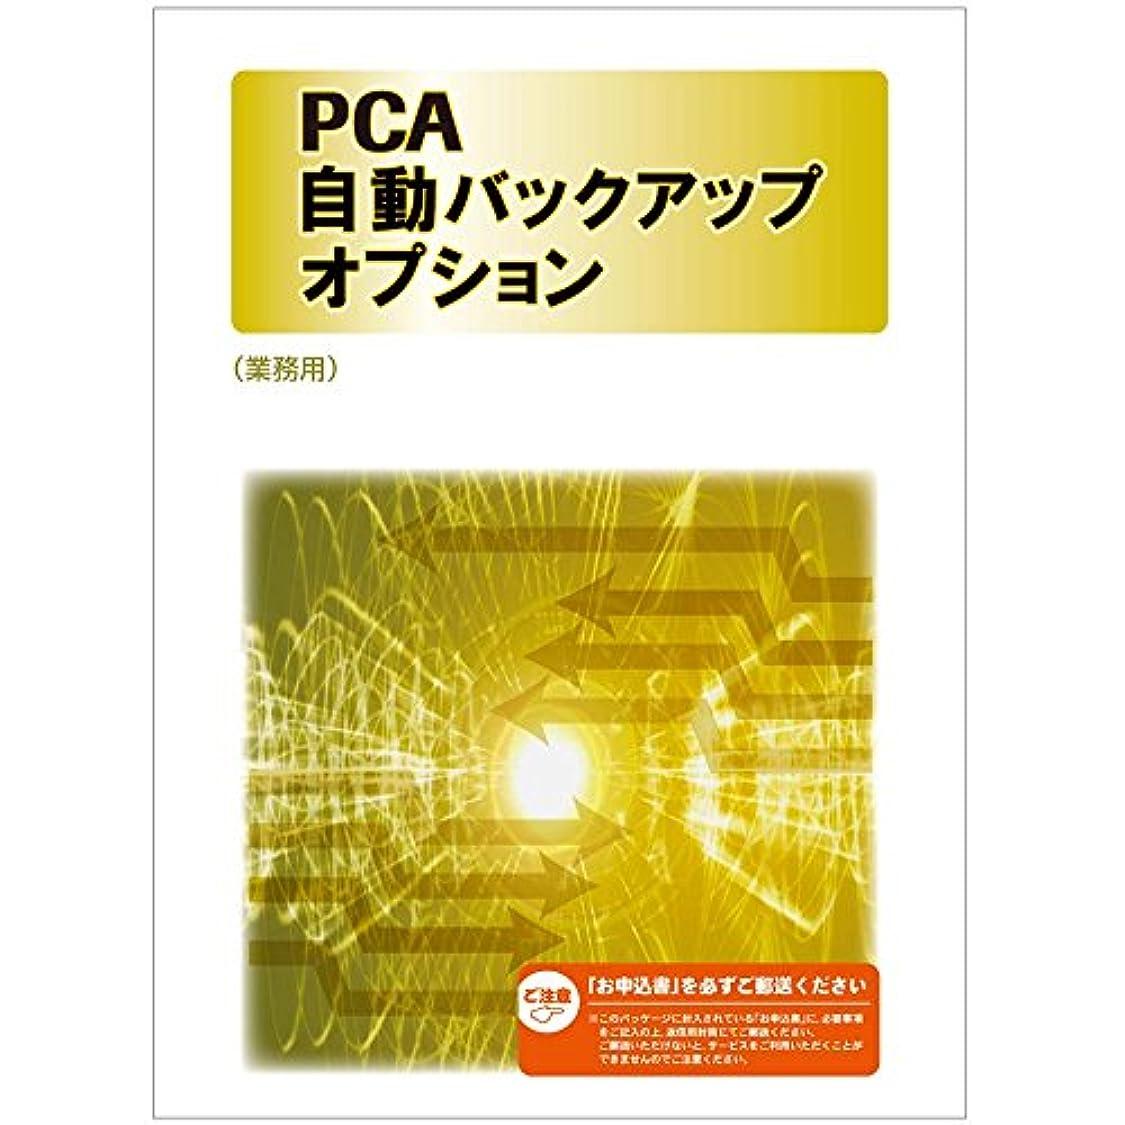 ピーシーエー PCA自動バックアップオプション スタンドアロン版